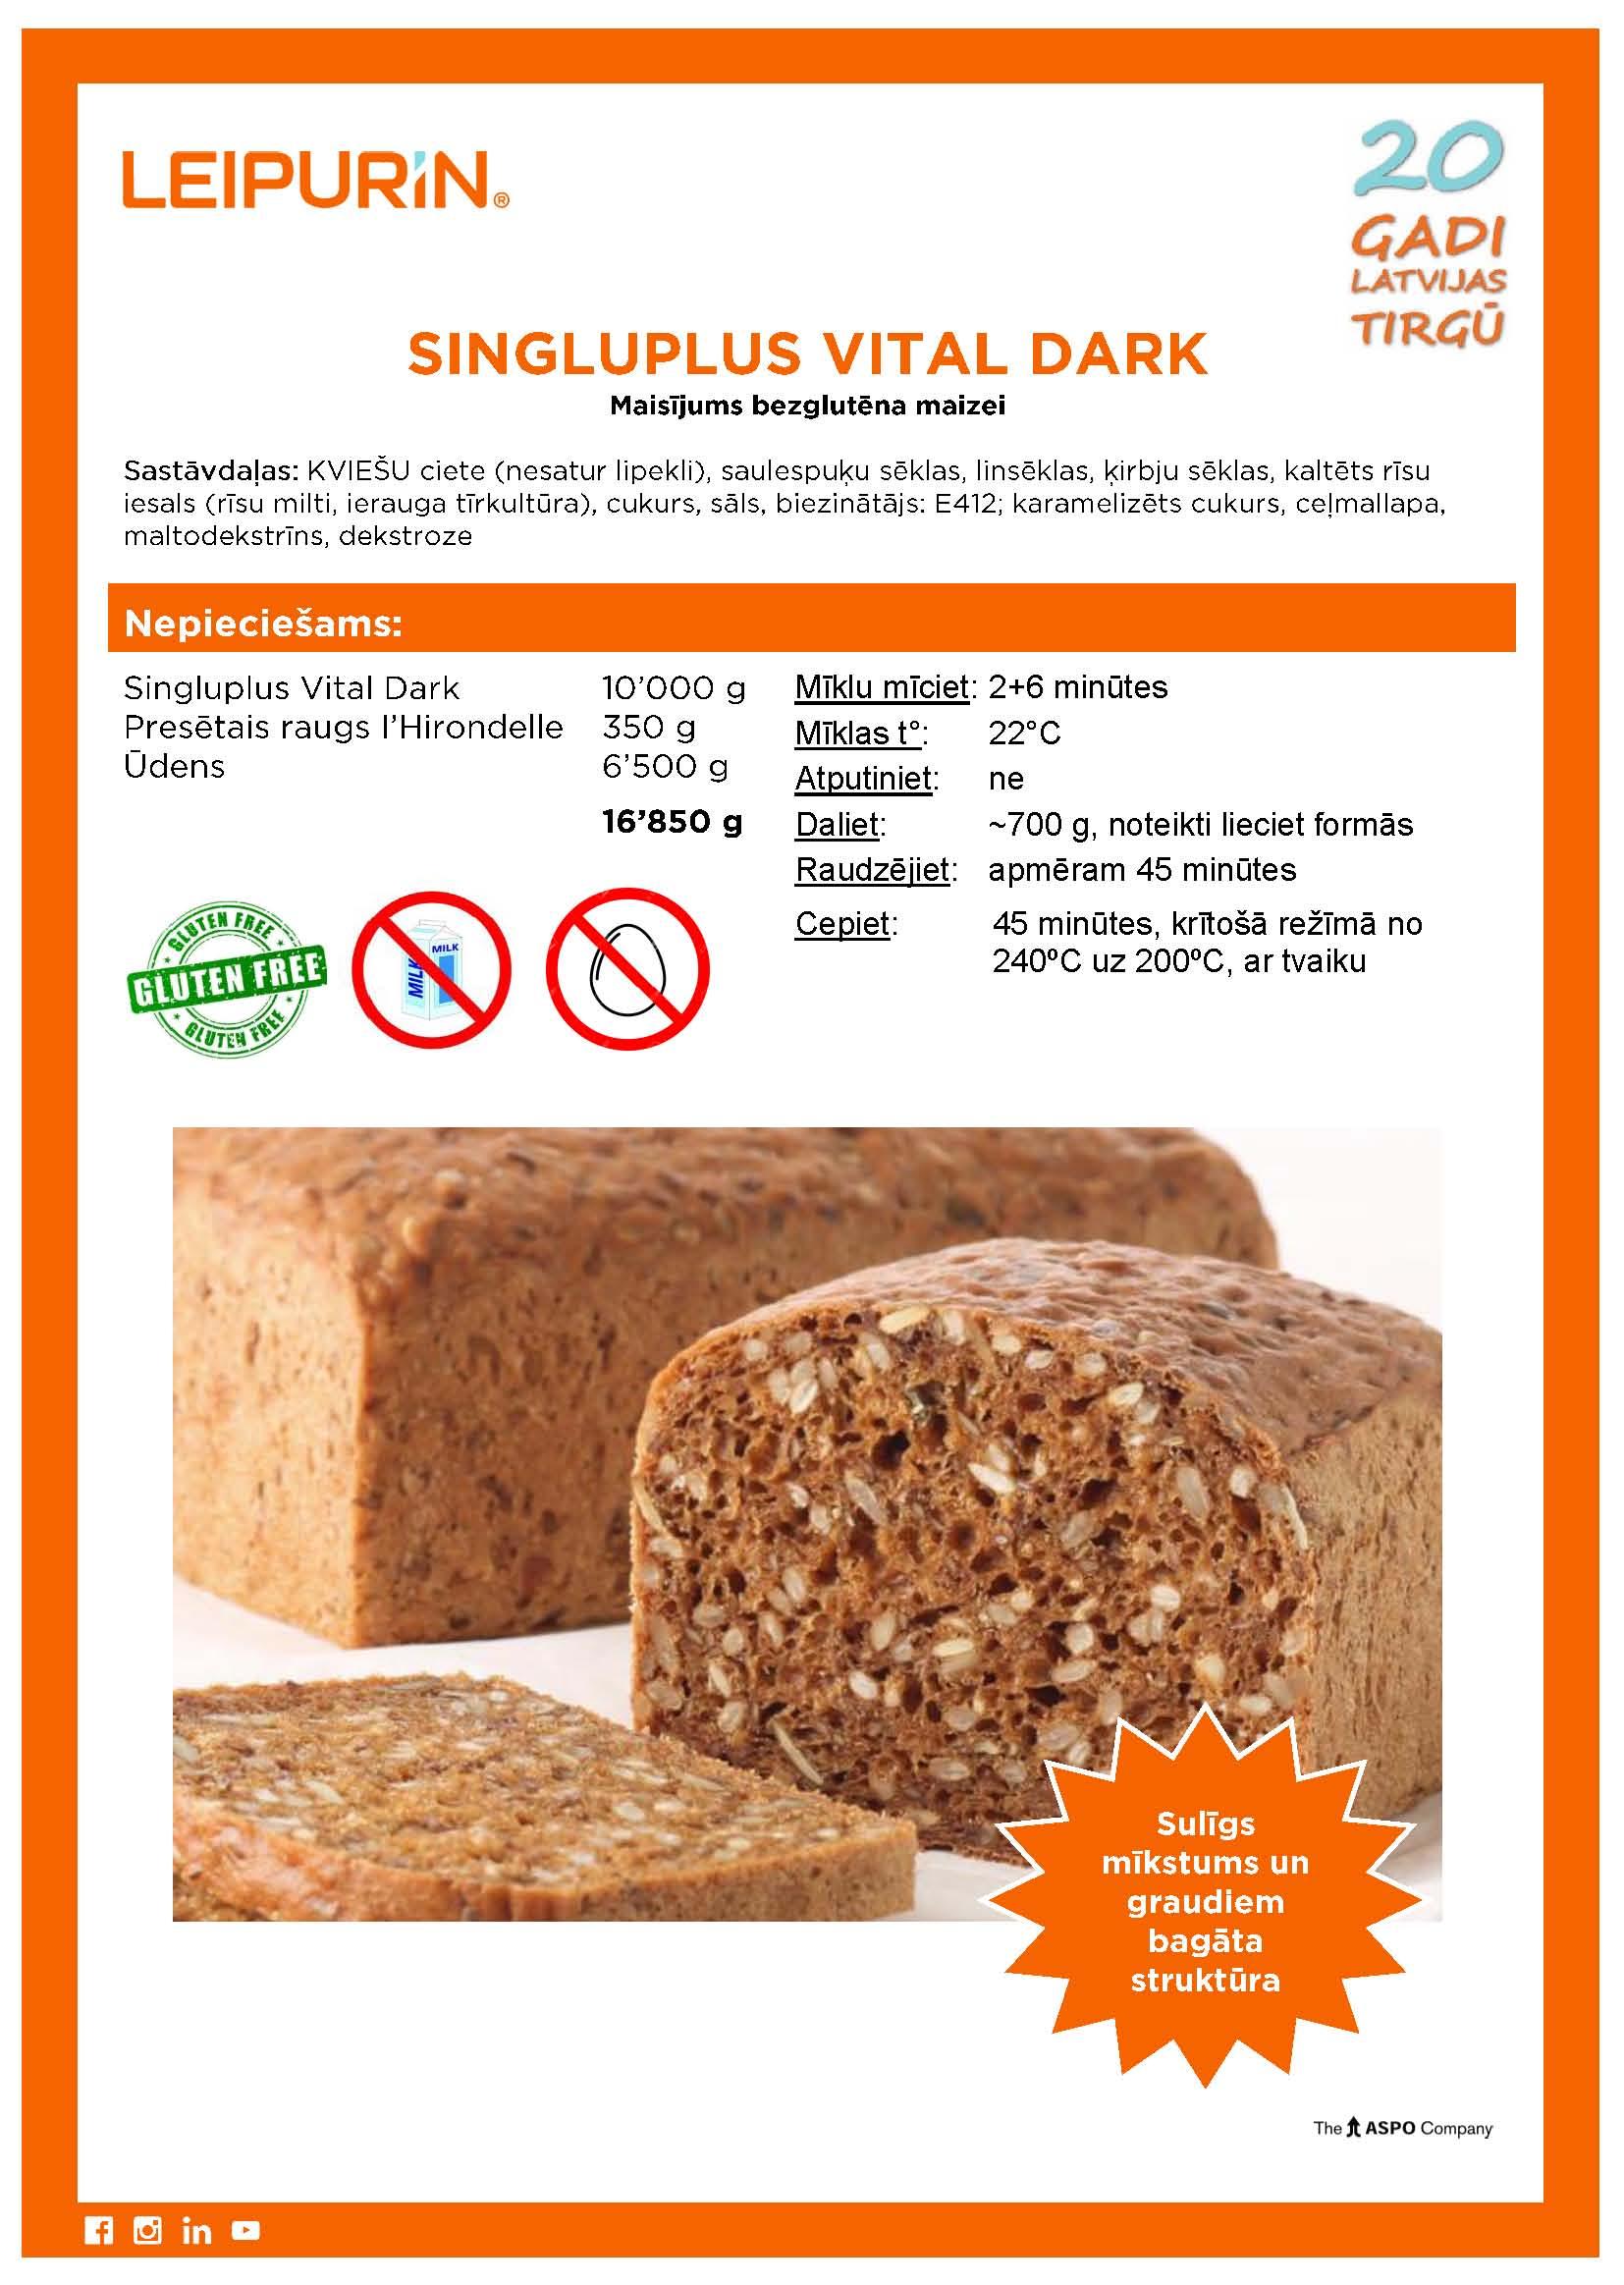 2019.05.31 Bezgluteena tumshaa graudu maize